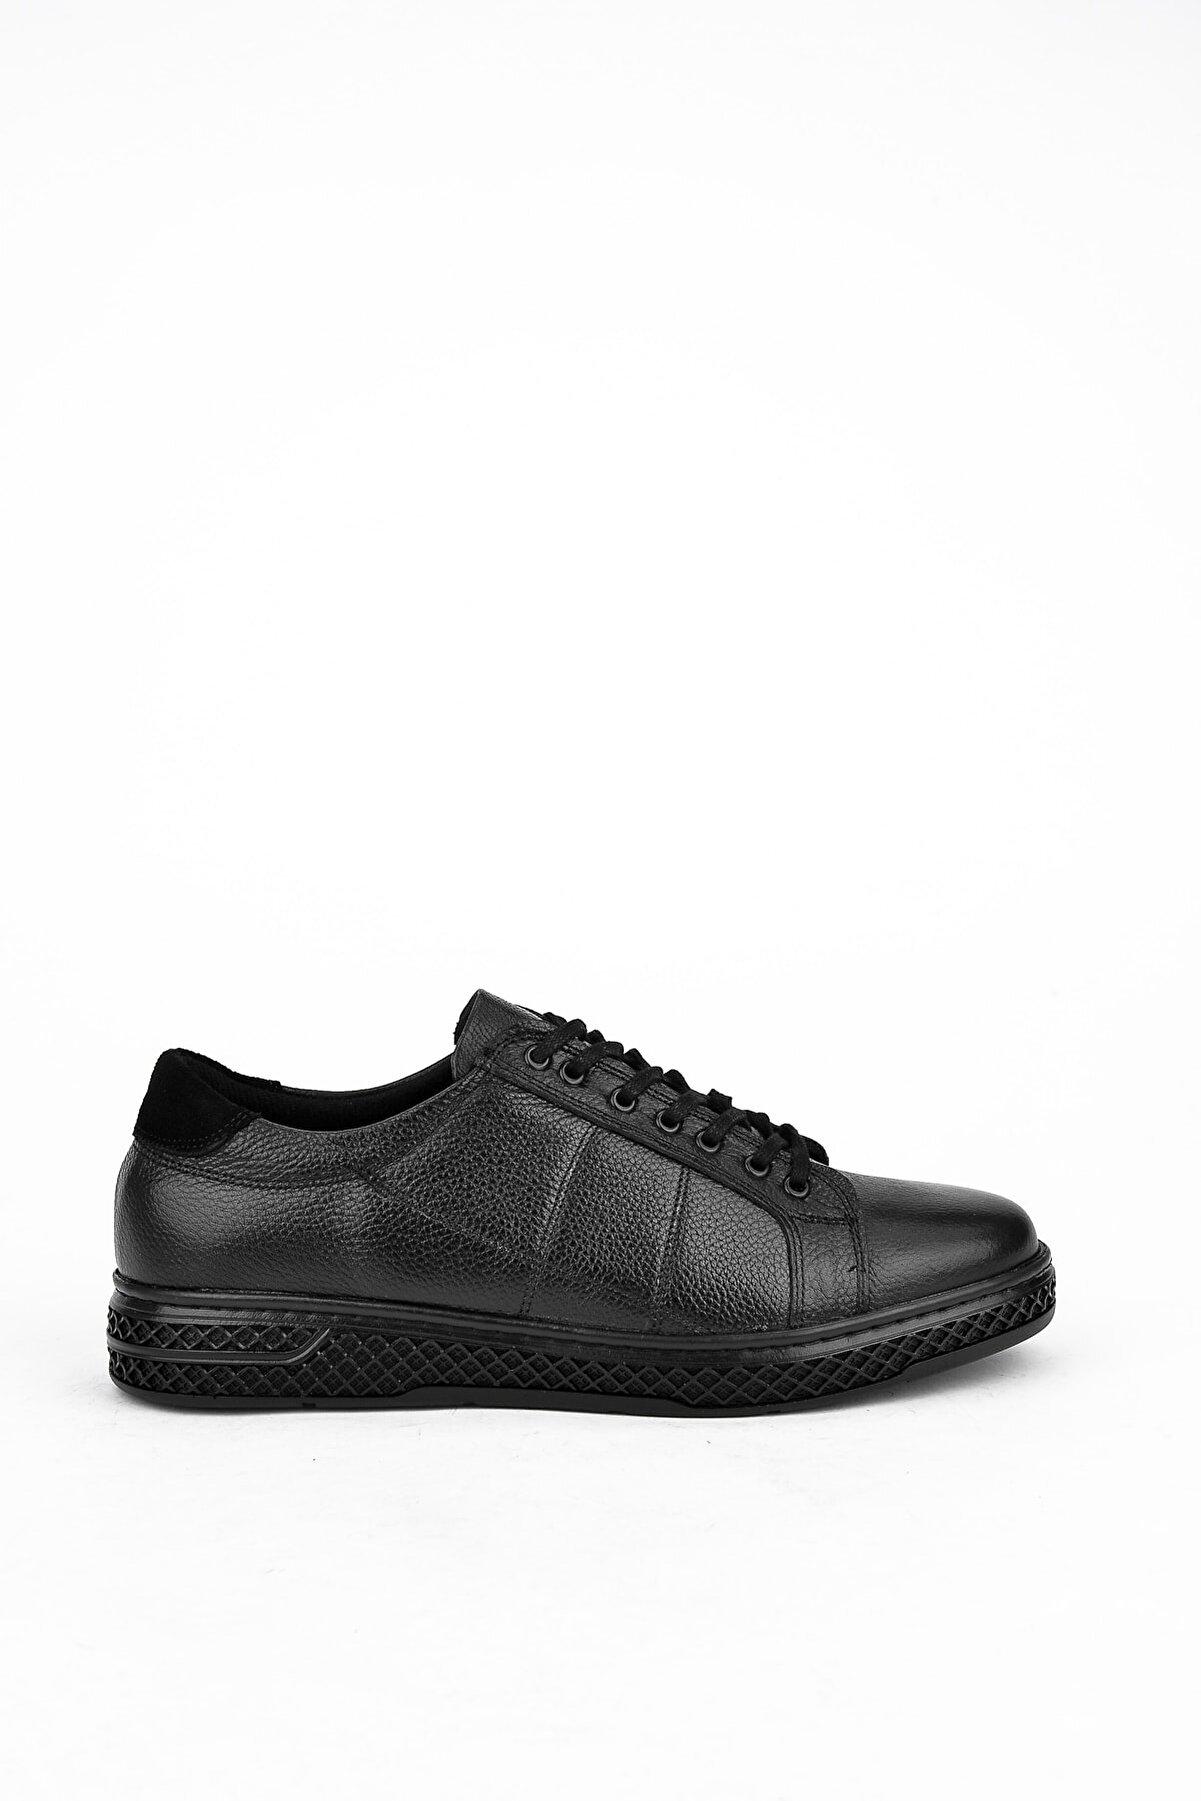 Ziya Erkek Siyah Deri Ayakkabı